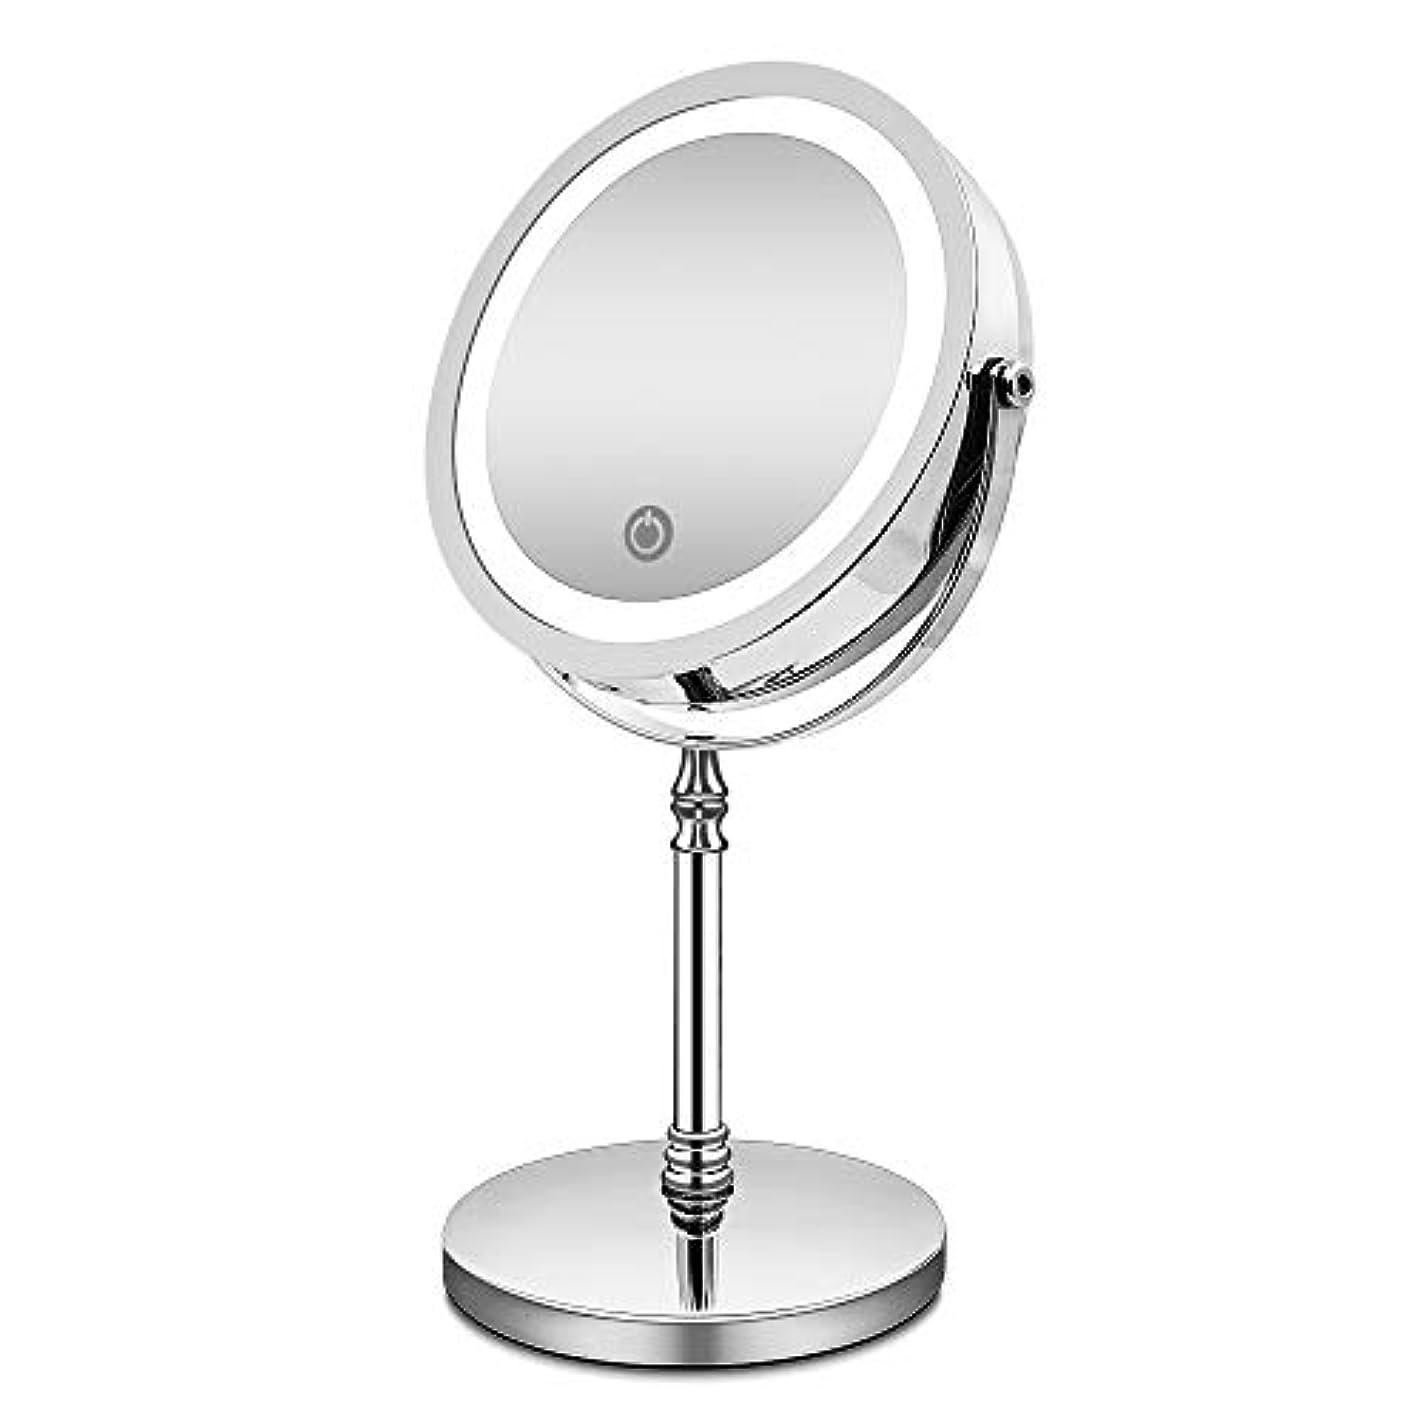 ヤング契約したクリーム化粧鏡 10倍 拡大鏡 付き led ミラー LED 両面 鏡 卓上 スタンドミラー メイク 3 WAY給電 曇らないミラー 360度回転 北欧風 電池&USB 日本語取扱説明書付き (改良版)